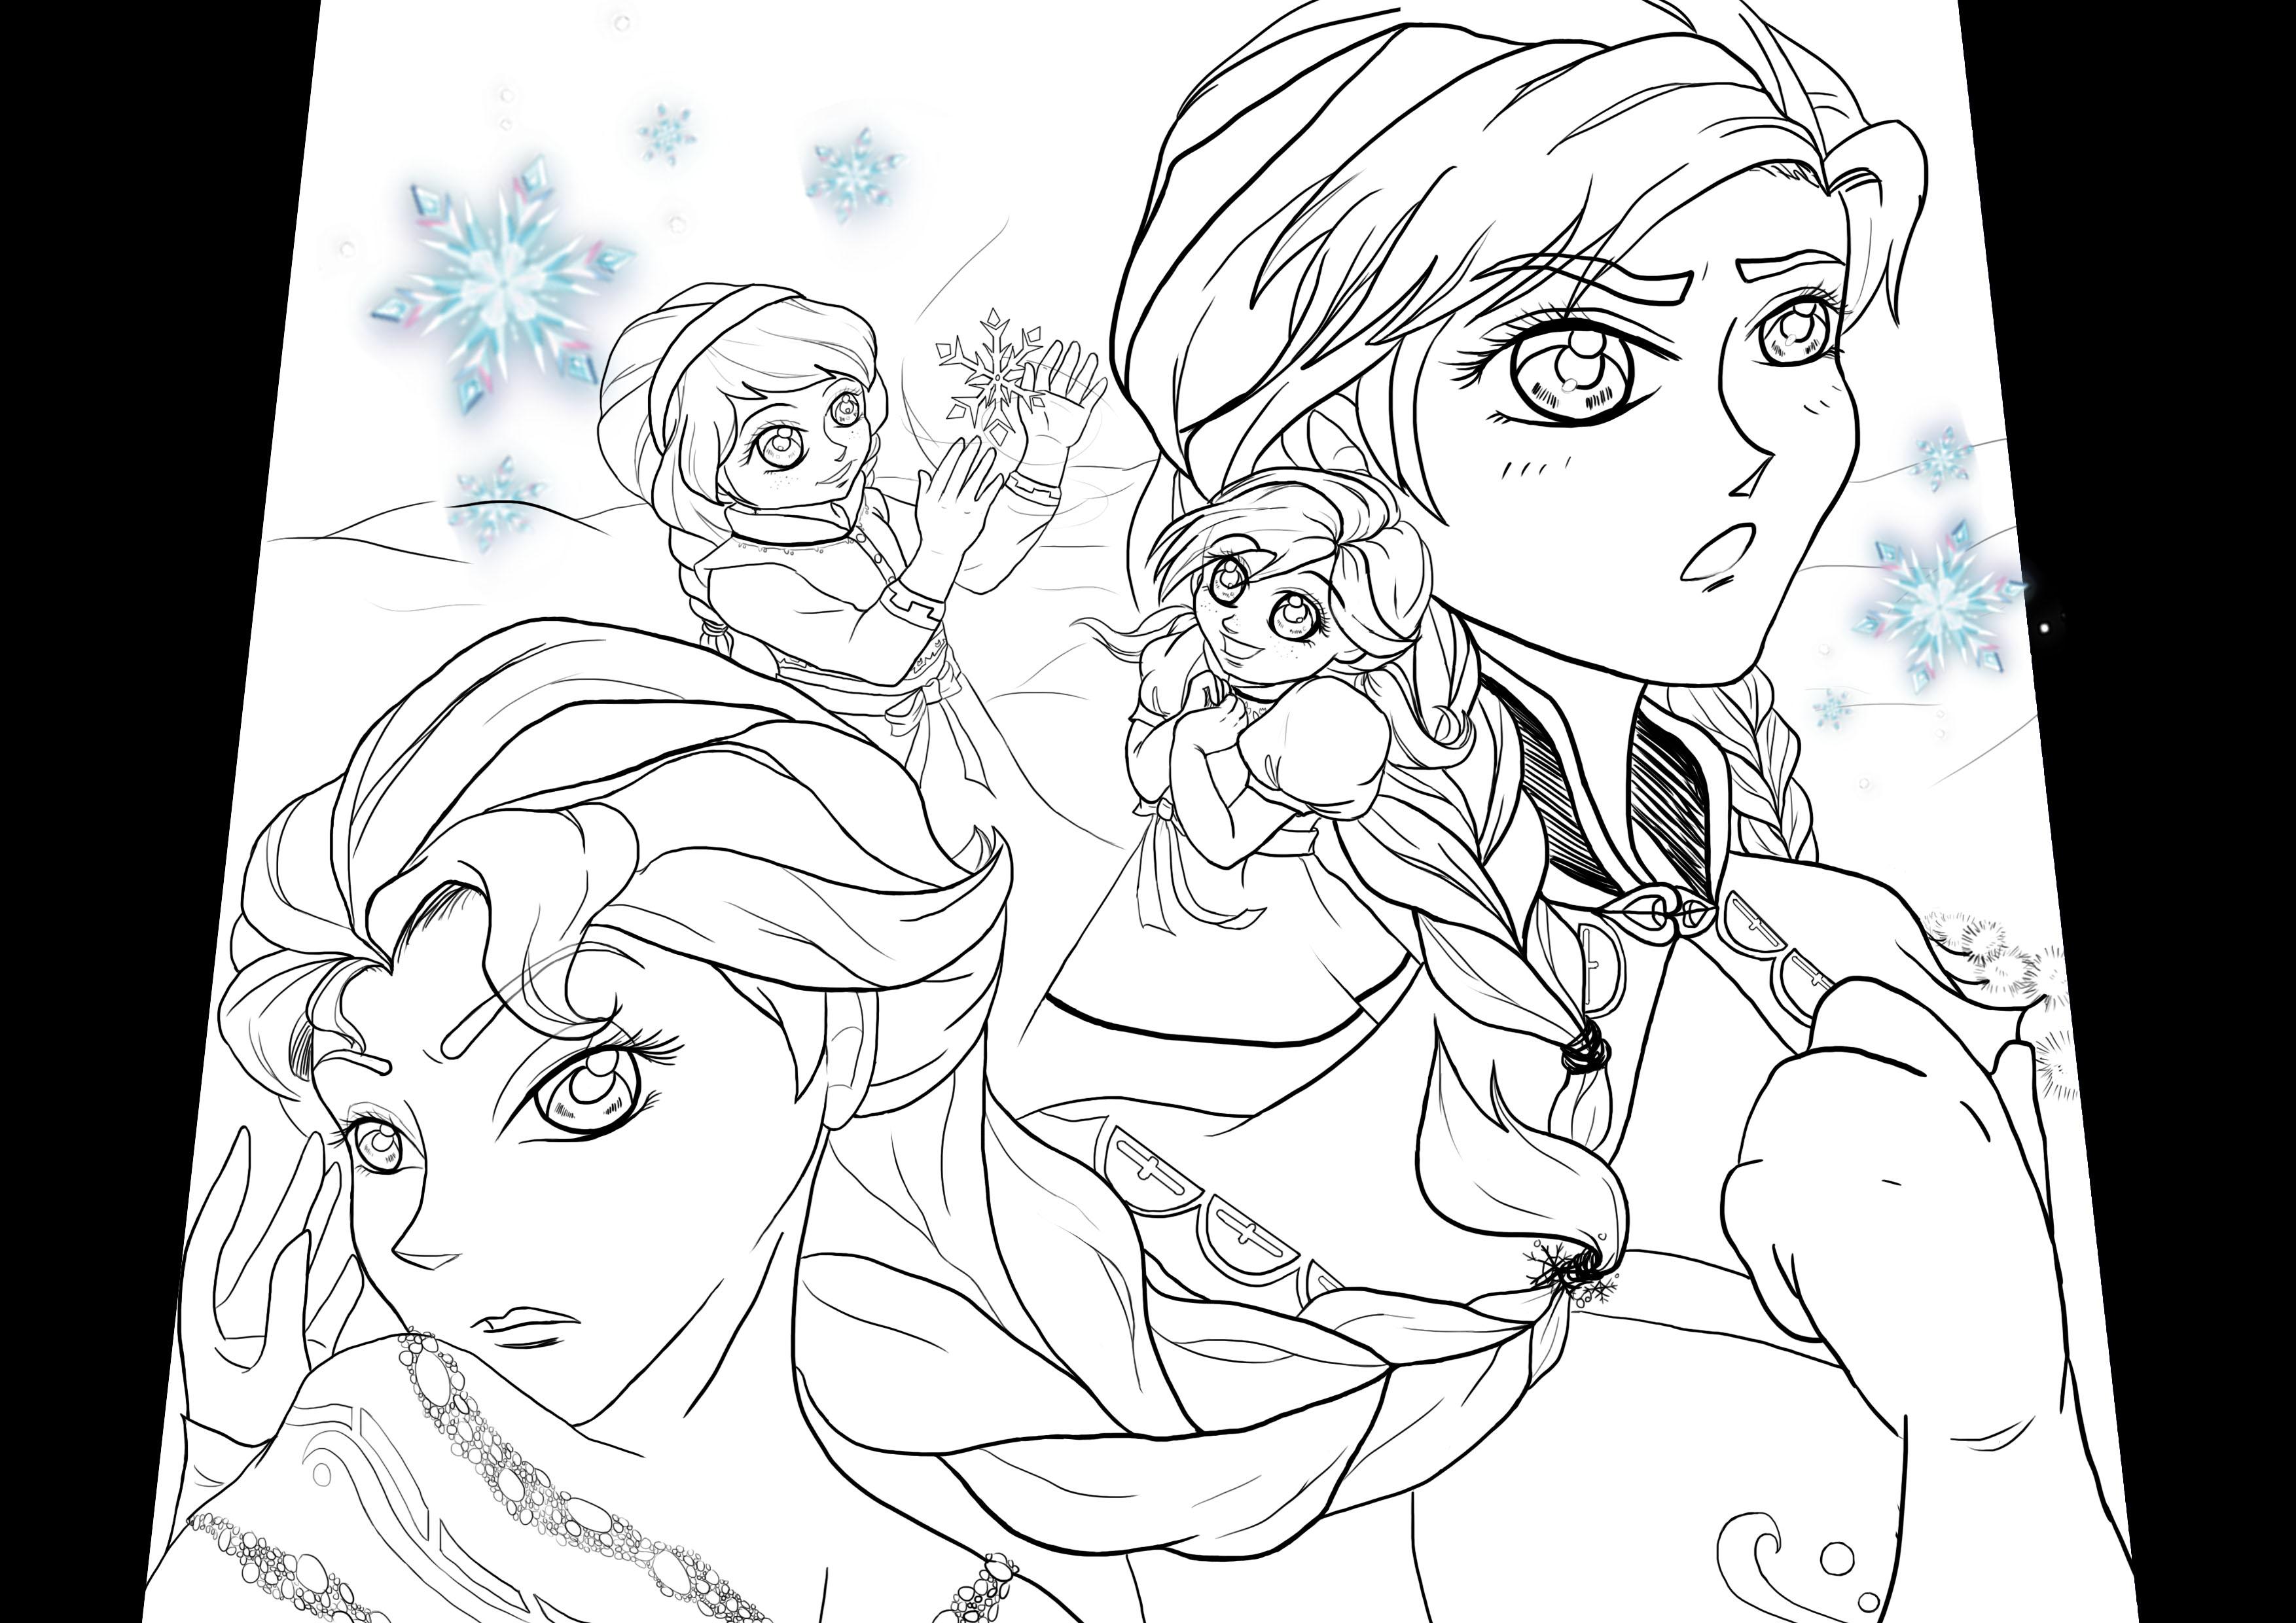 《冰雪奇缘》 图片 elsa and anna hd 壁纸 and background 照片